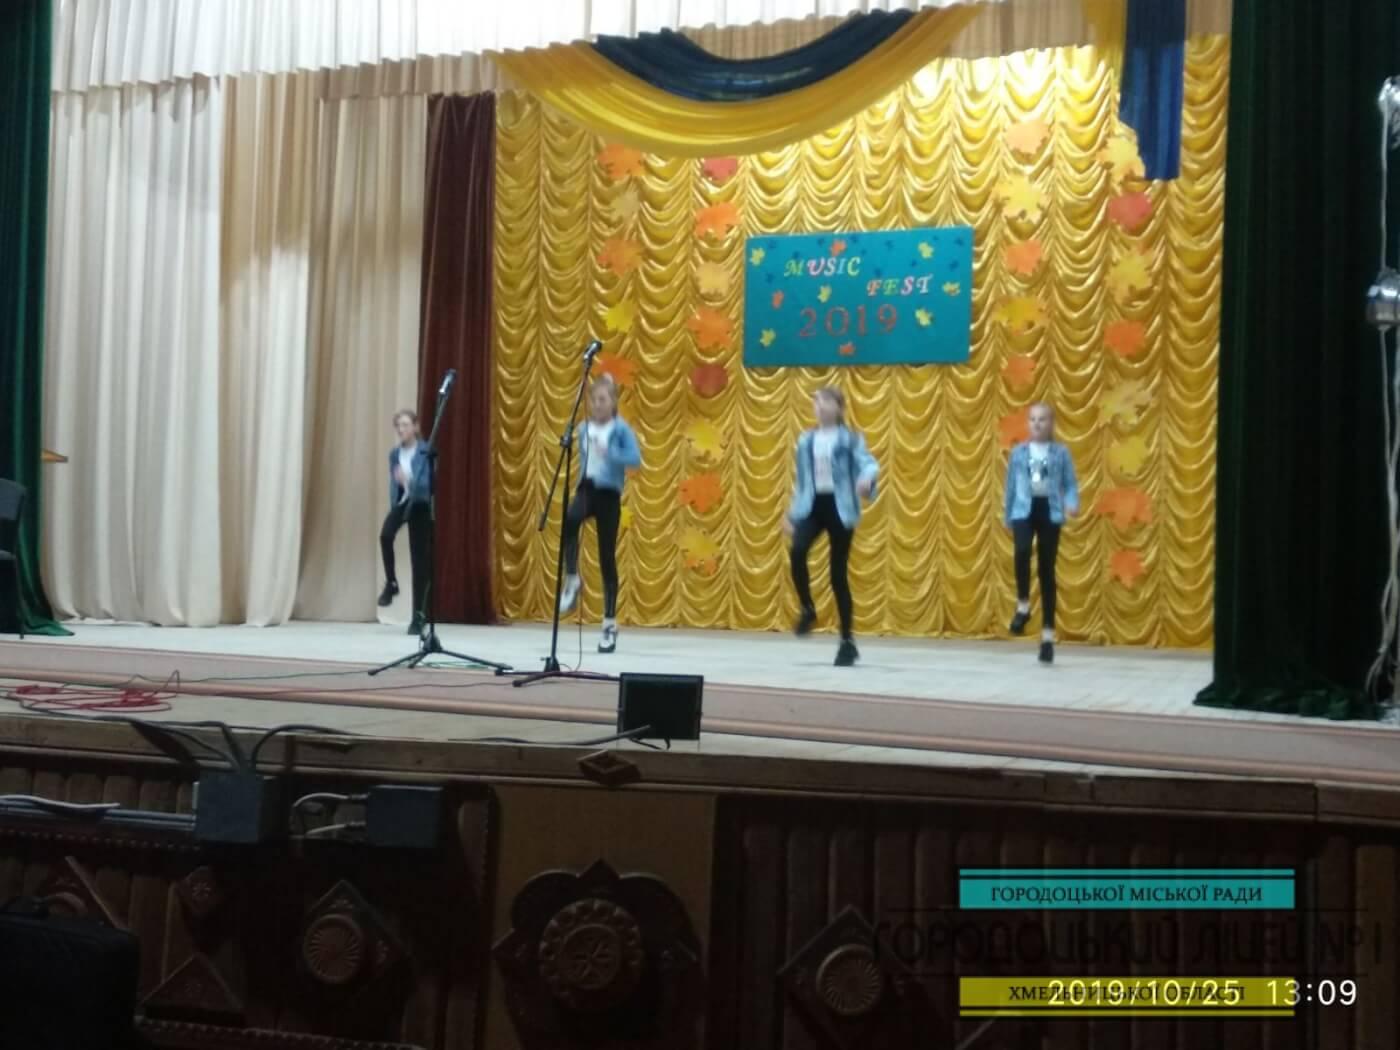 zobrazhennya viber 2019 10 31 14 30 201 - Music Fest «Городоцька осінь 2019»